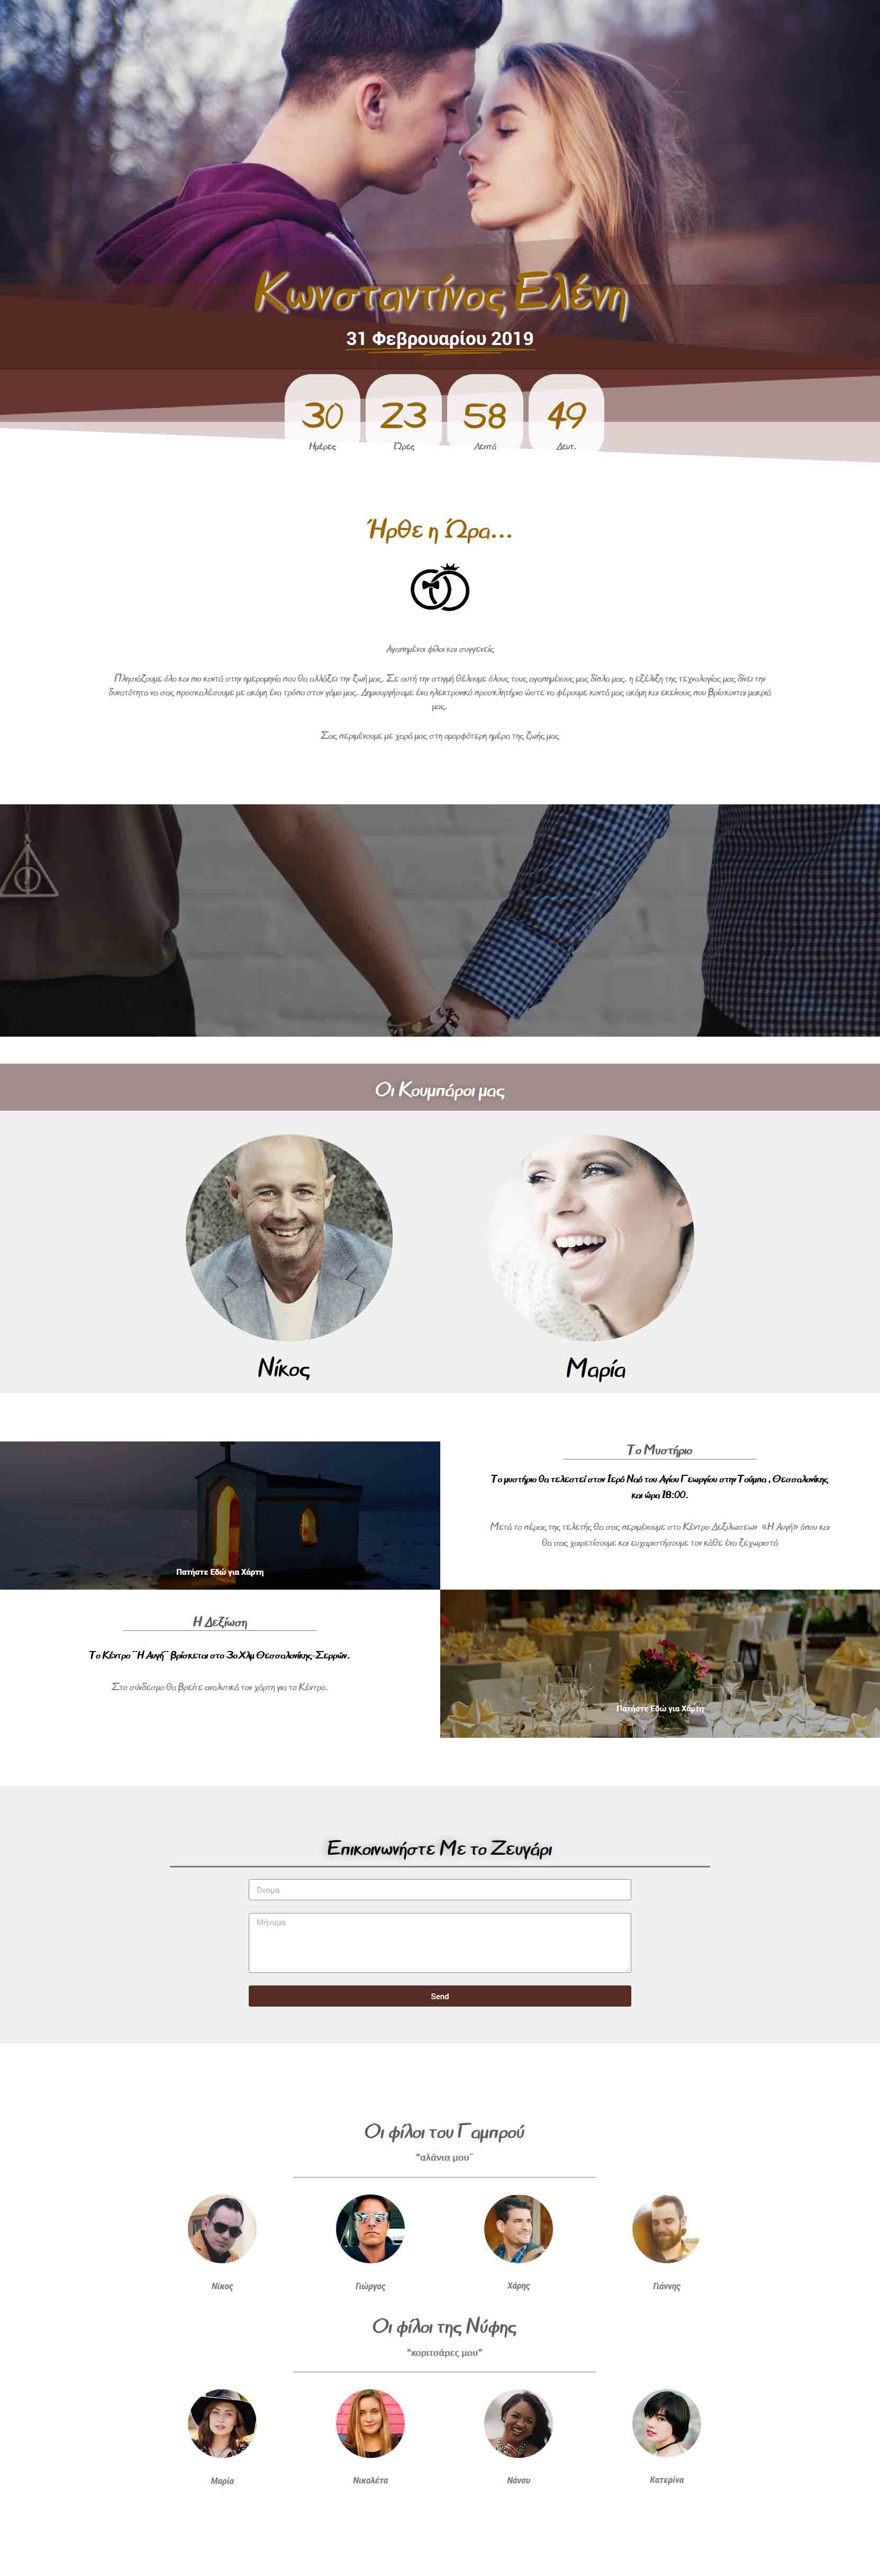 ηλεκτρονικά προσκλητήρια γάμου